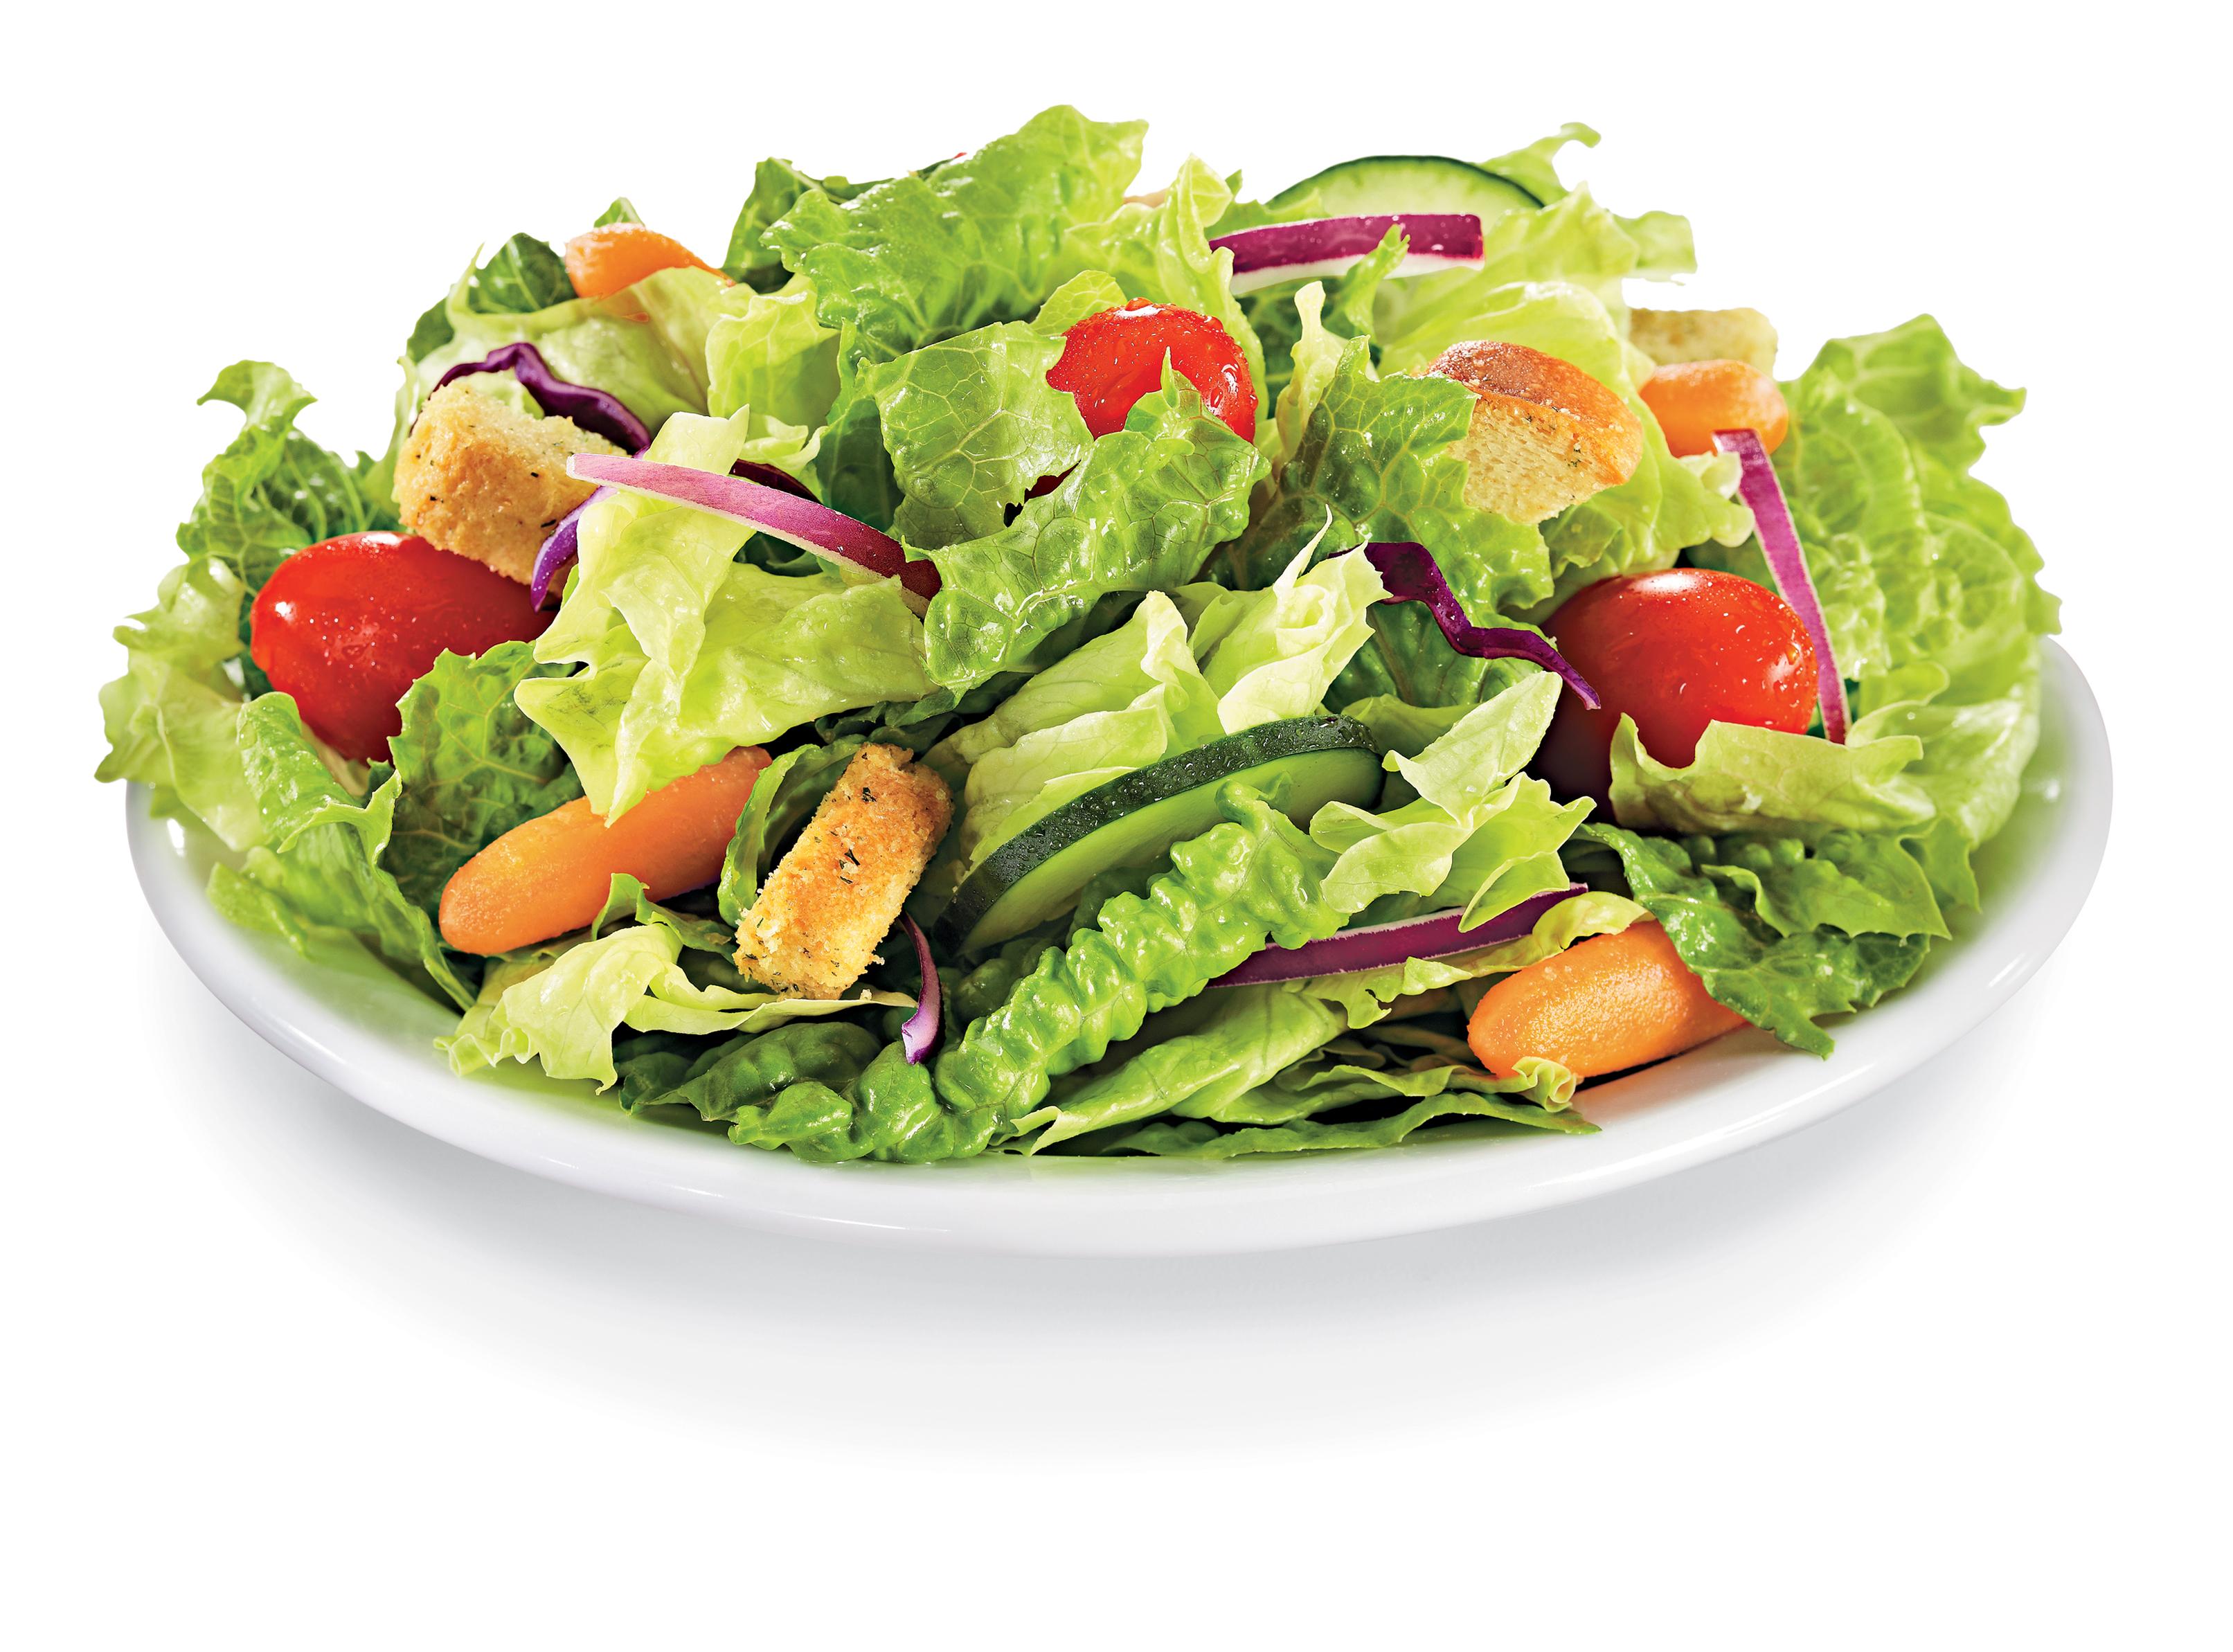 Effective 3 day salad diet